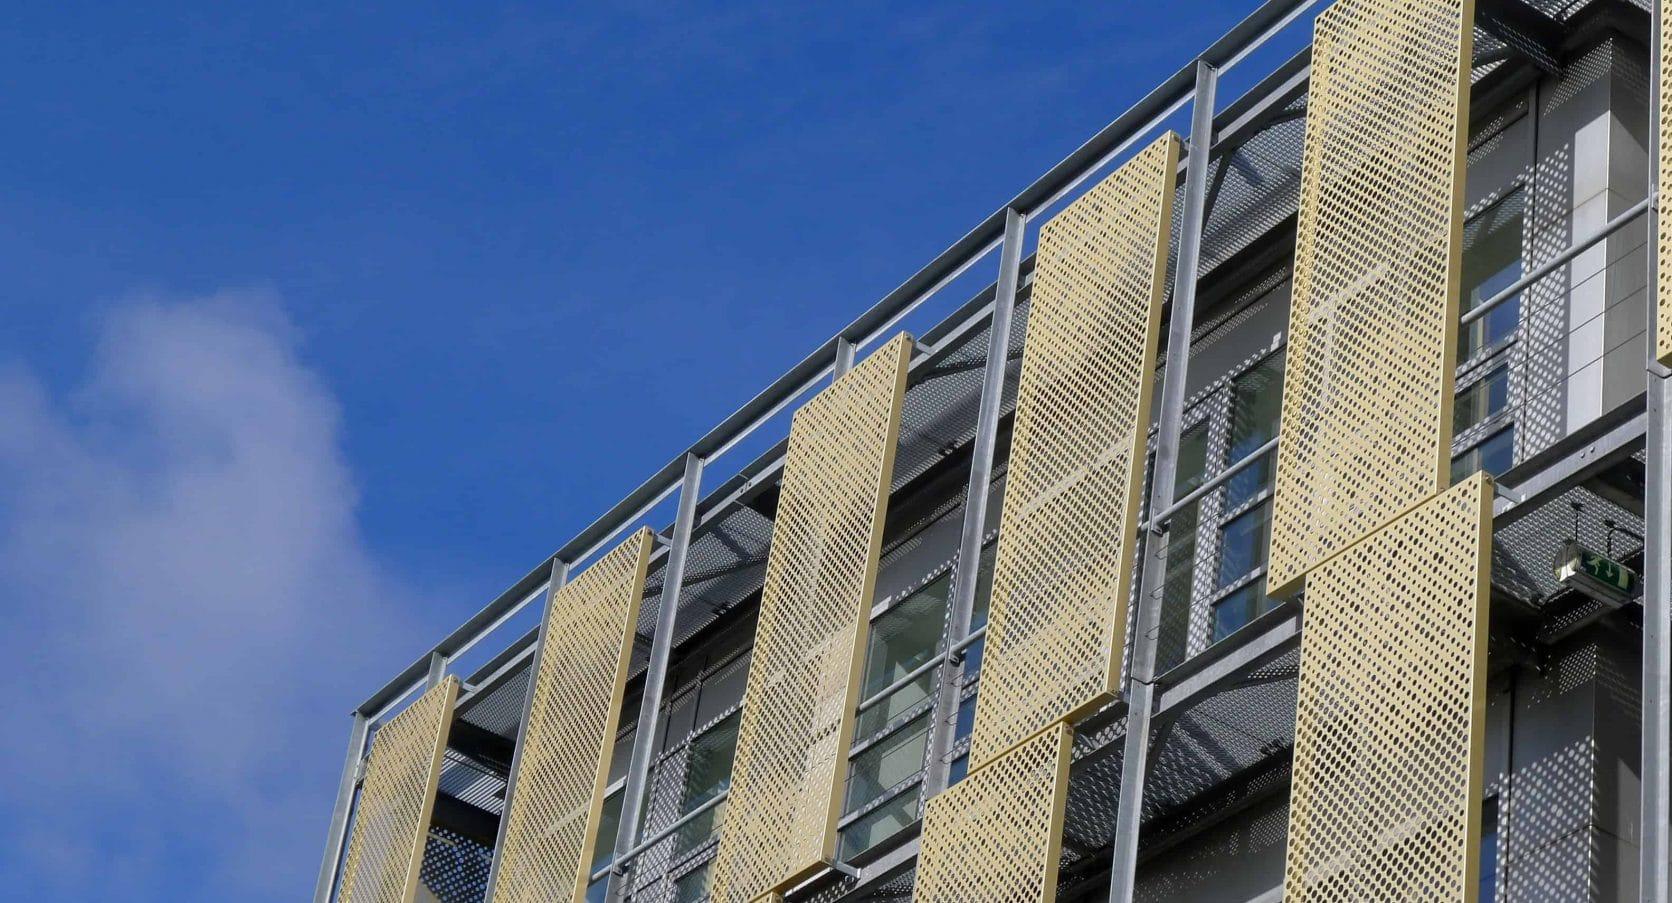 Kantoorgebouw Capellalaan Hoofddorp met MD Designperforatie gevelbekleding